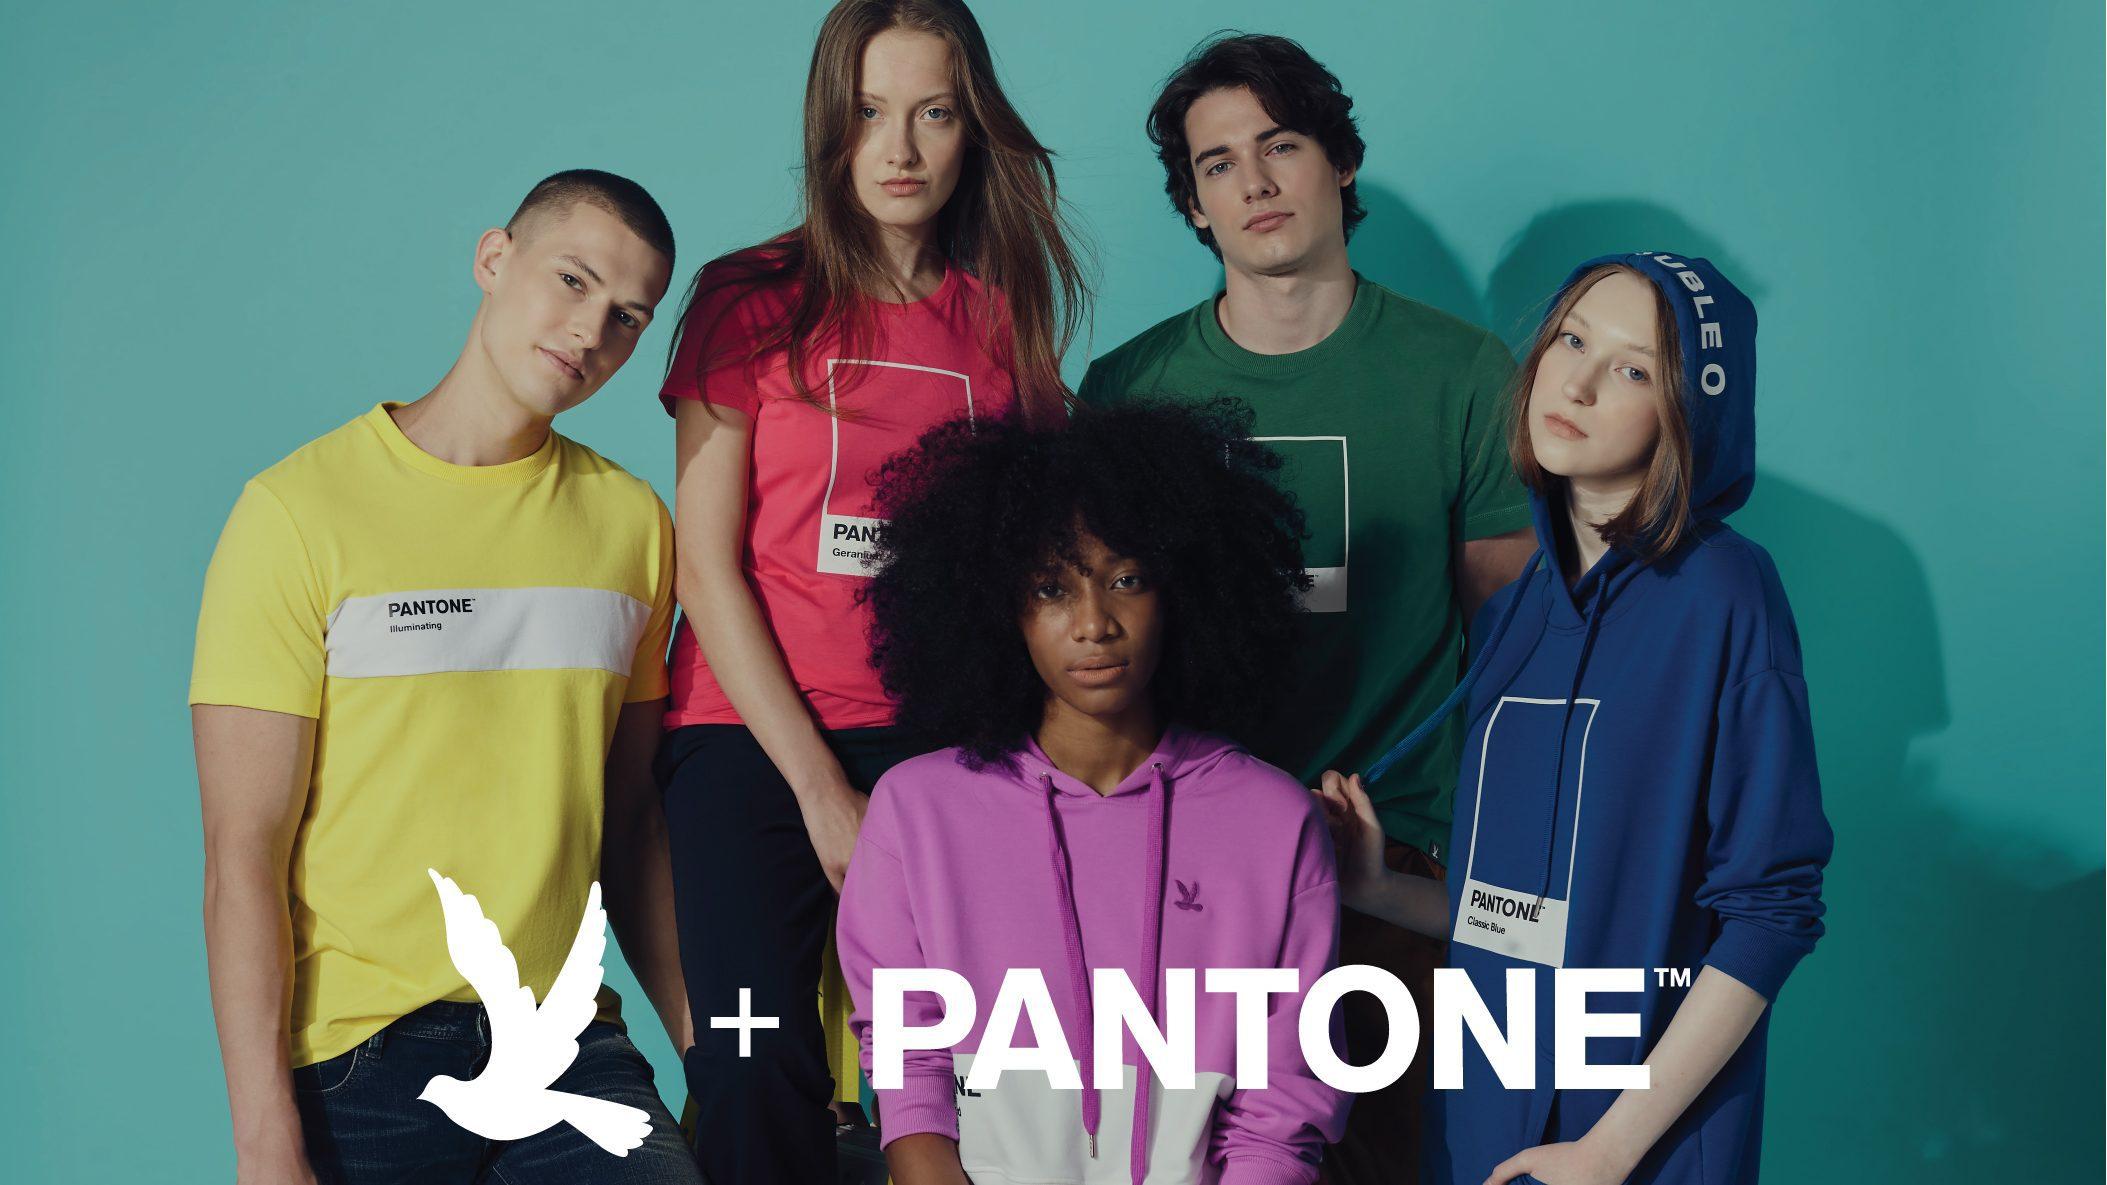 CC DOUBLE O จับมือ บริษัทระดับโลก PANTONE สร้างคอลเลคชั่นใหม่เอาใจกลุ่มคนรักงานดีไซน์